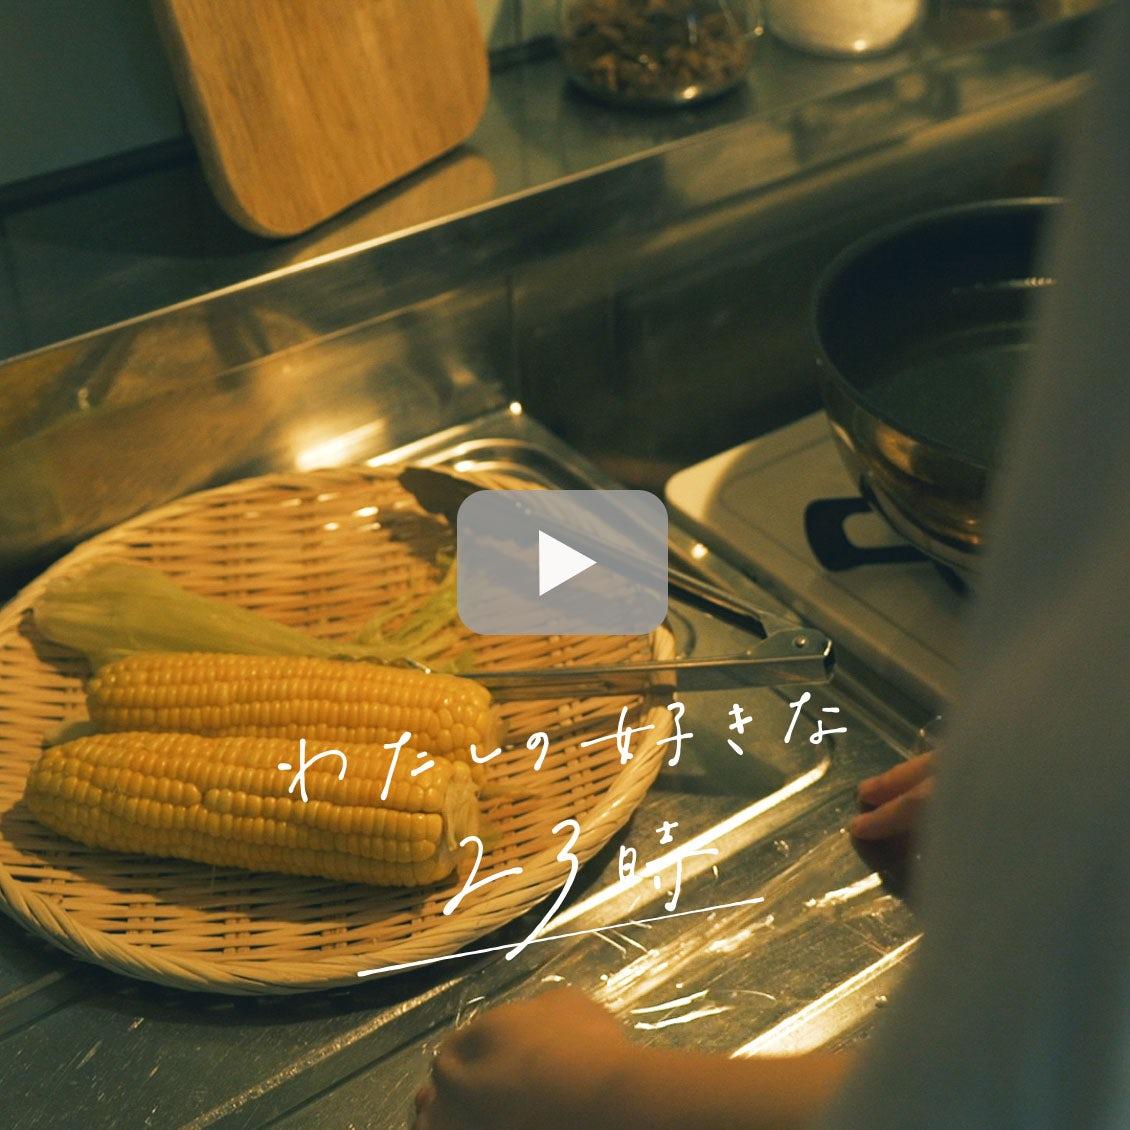 【わたしの好きな時間】vol.11|新鮮な夏野菜が届いたら。夜のキッチンで手軽に済ませる、野菜をおいしく長持ちさせる保存法